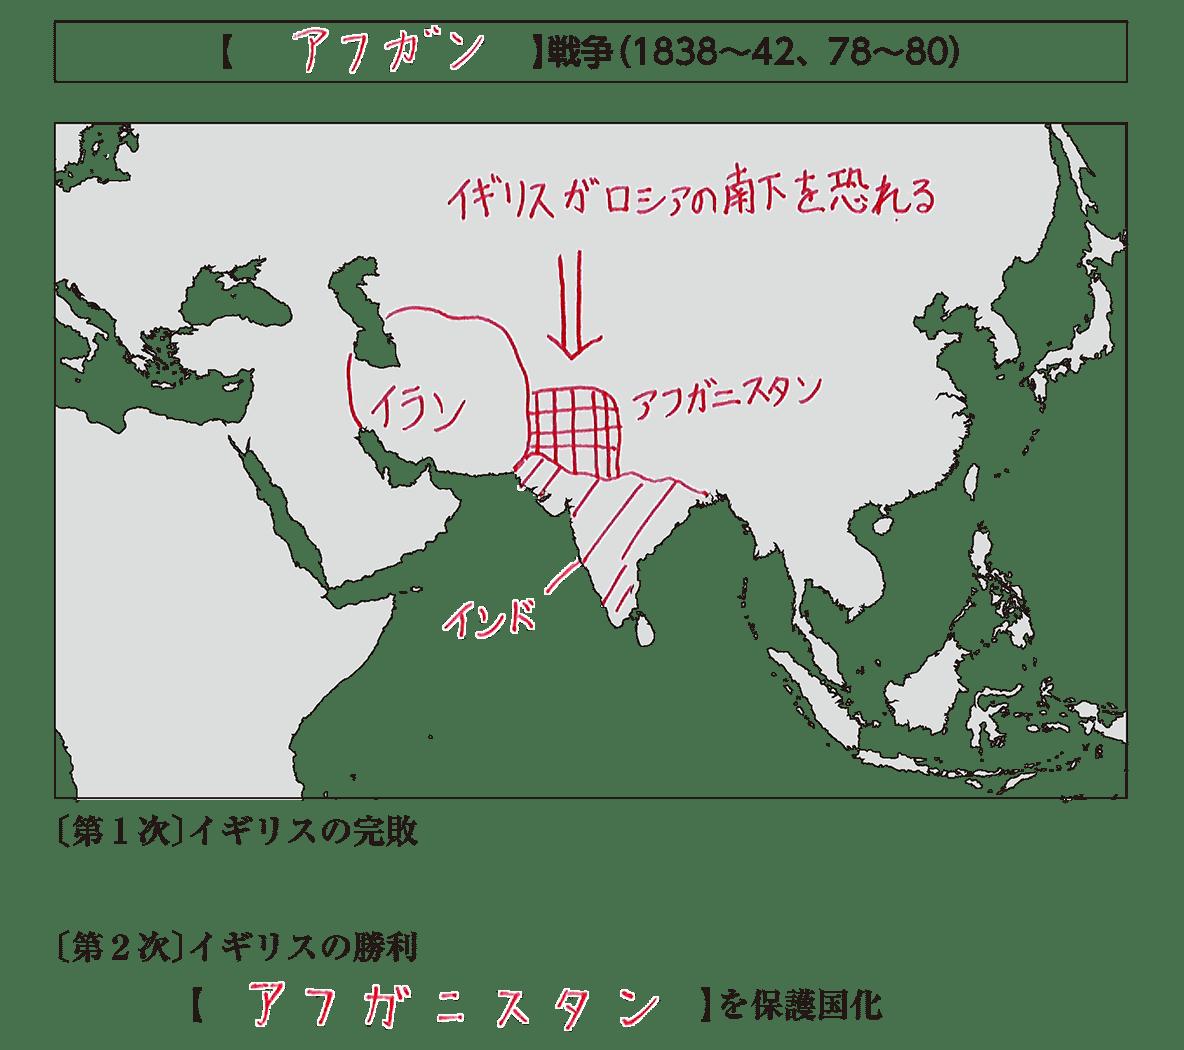 アジア諸地域の植民地化6 ポイント2 答え全部